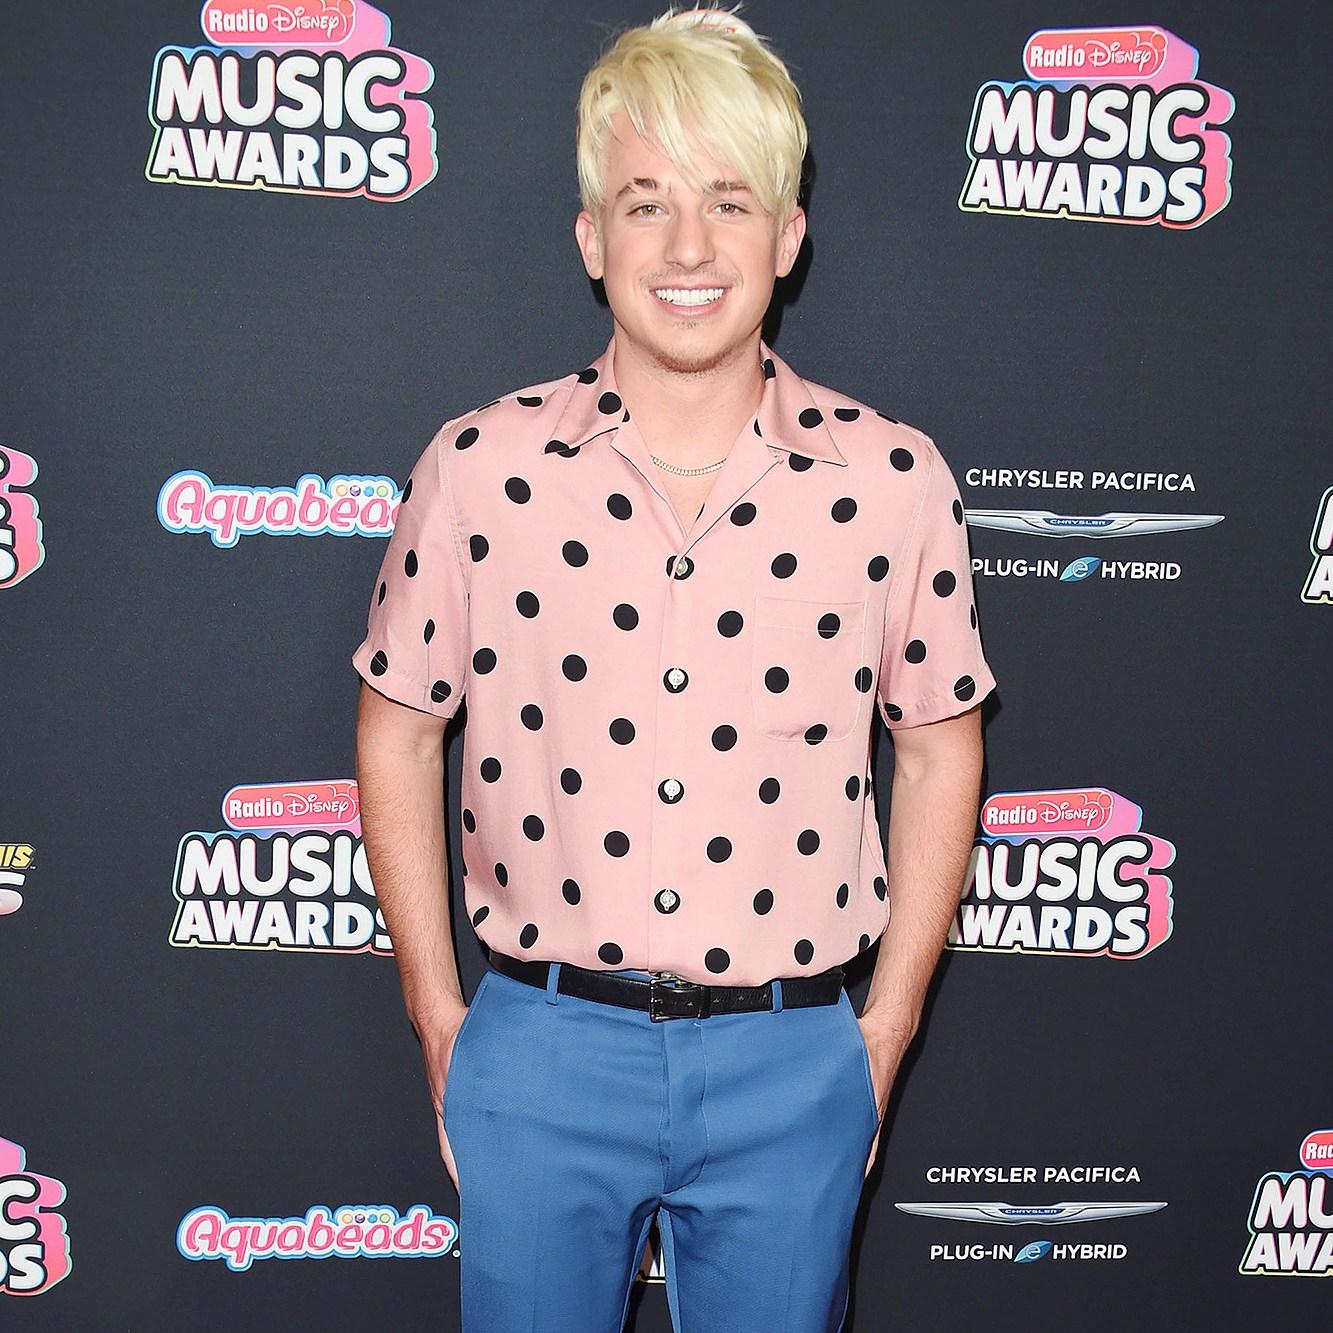 Charlie Puth, Blond Hair, Radio Disney Music Awards